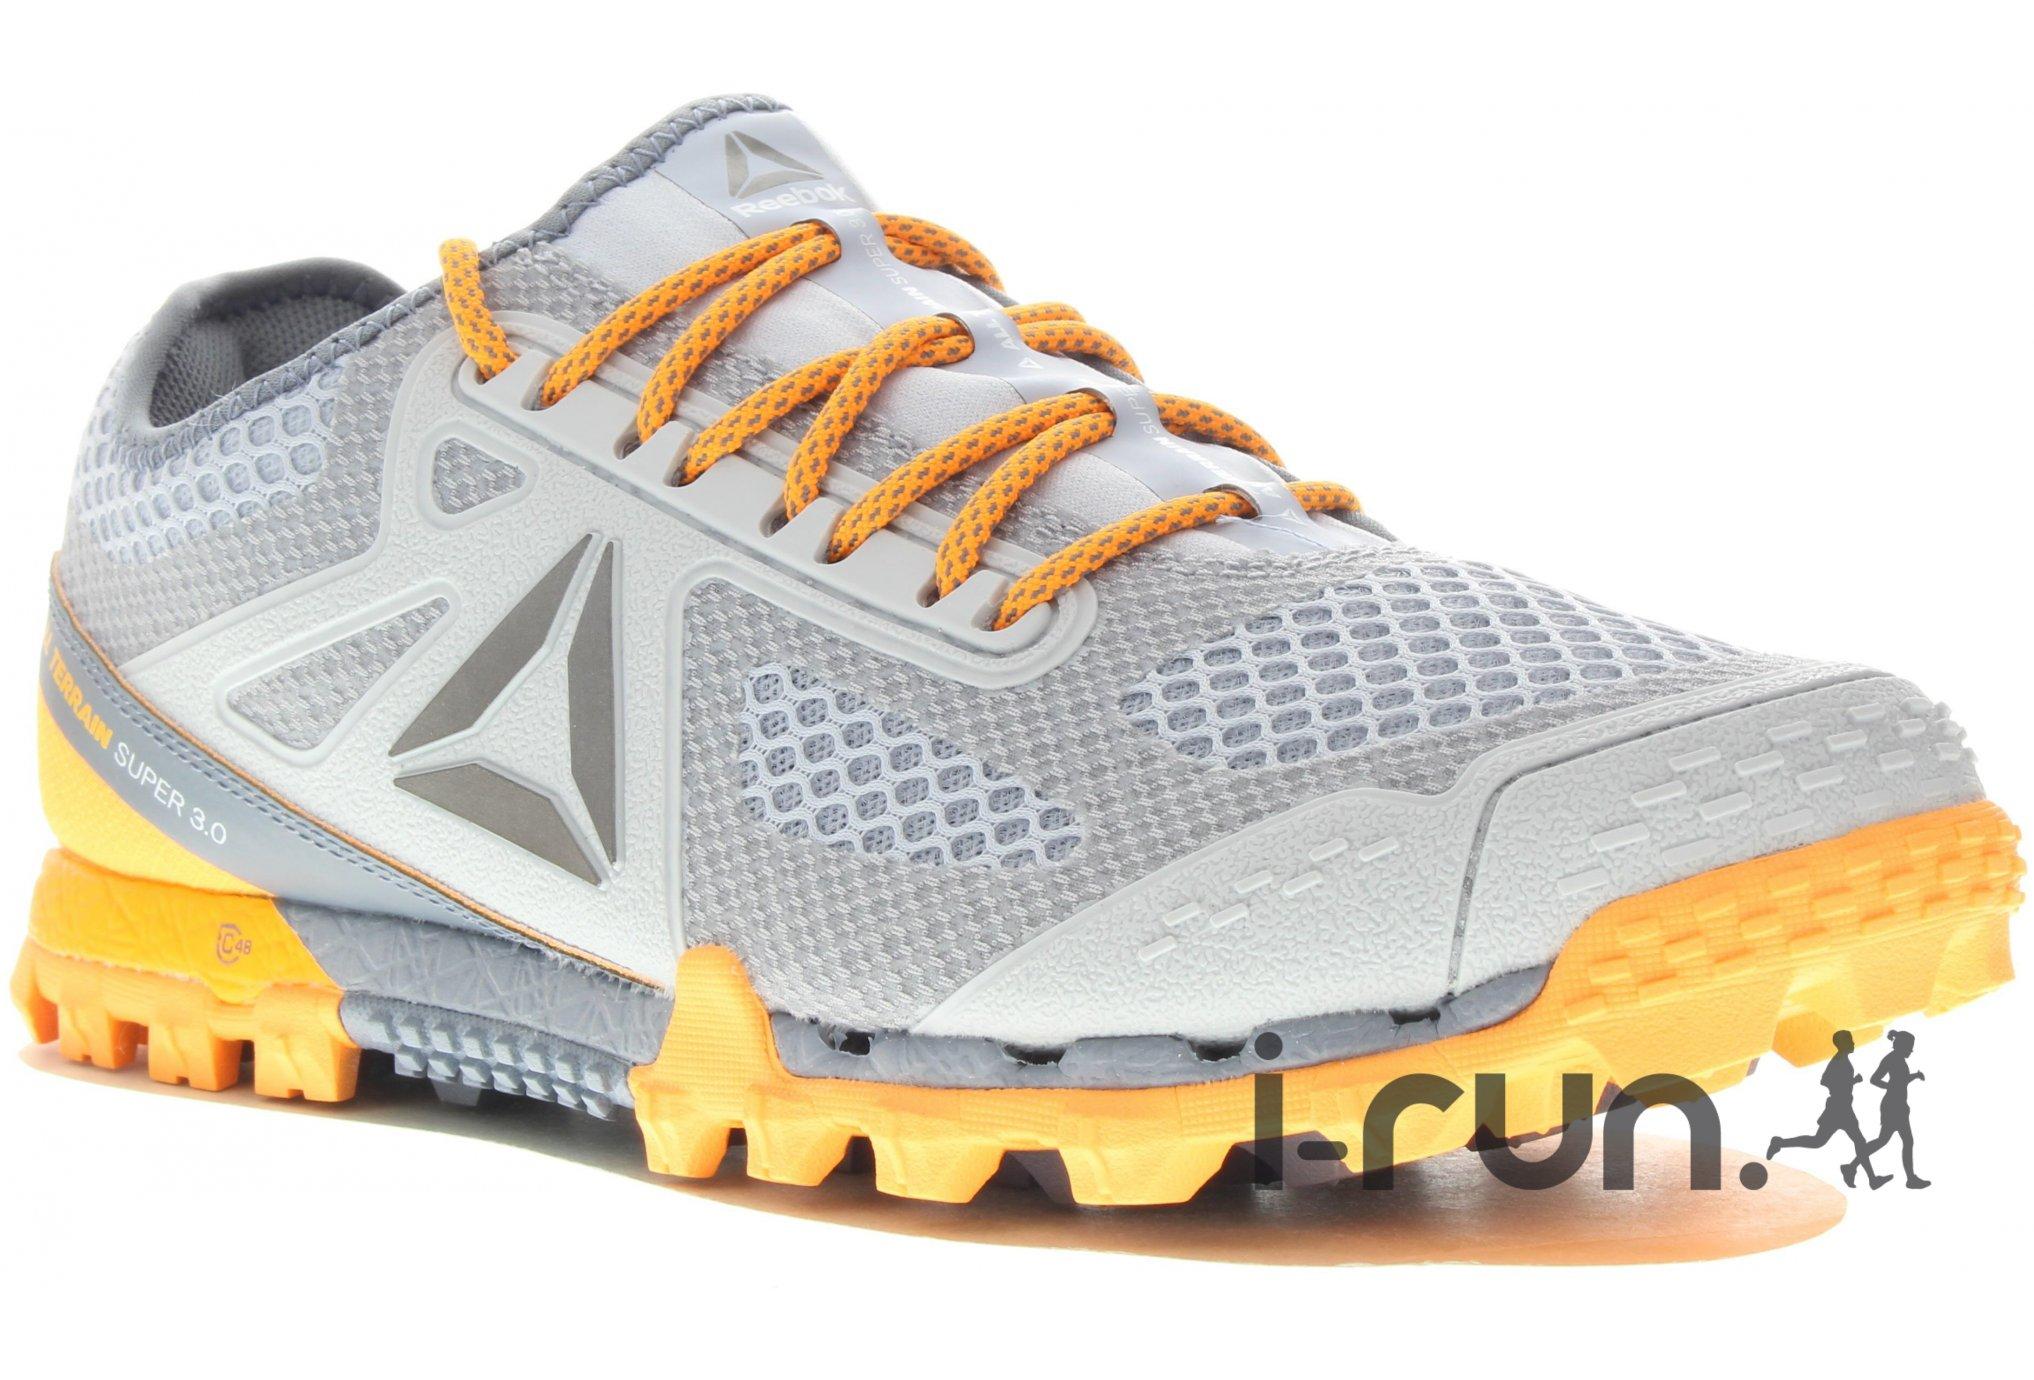 Reebok All terrain super 3.0 w chaussures running femme